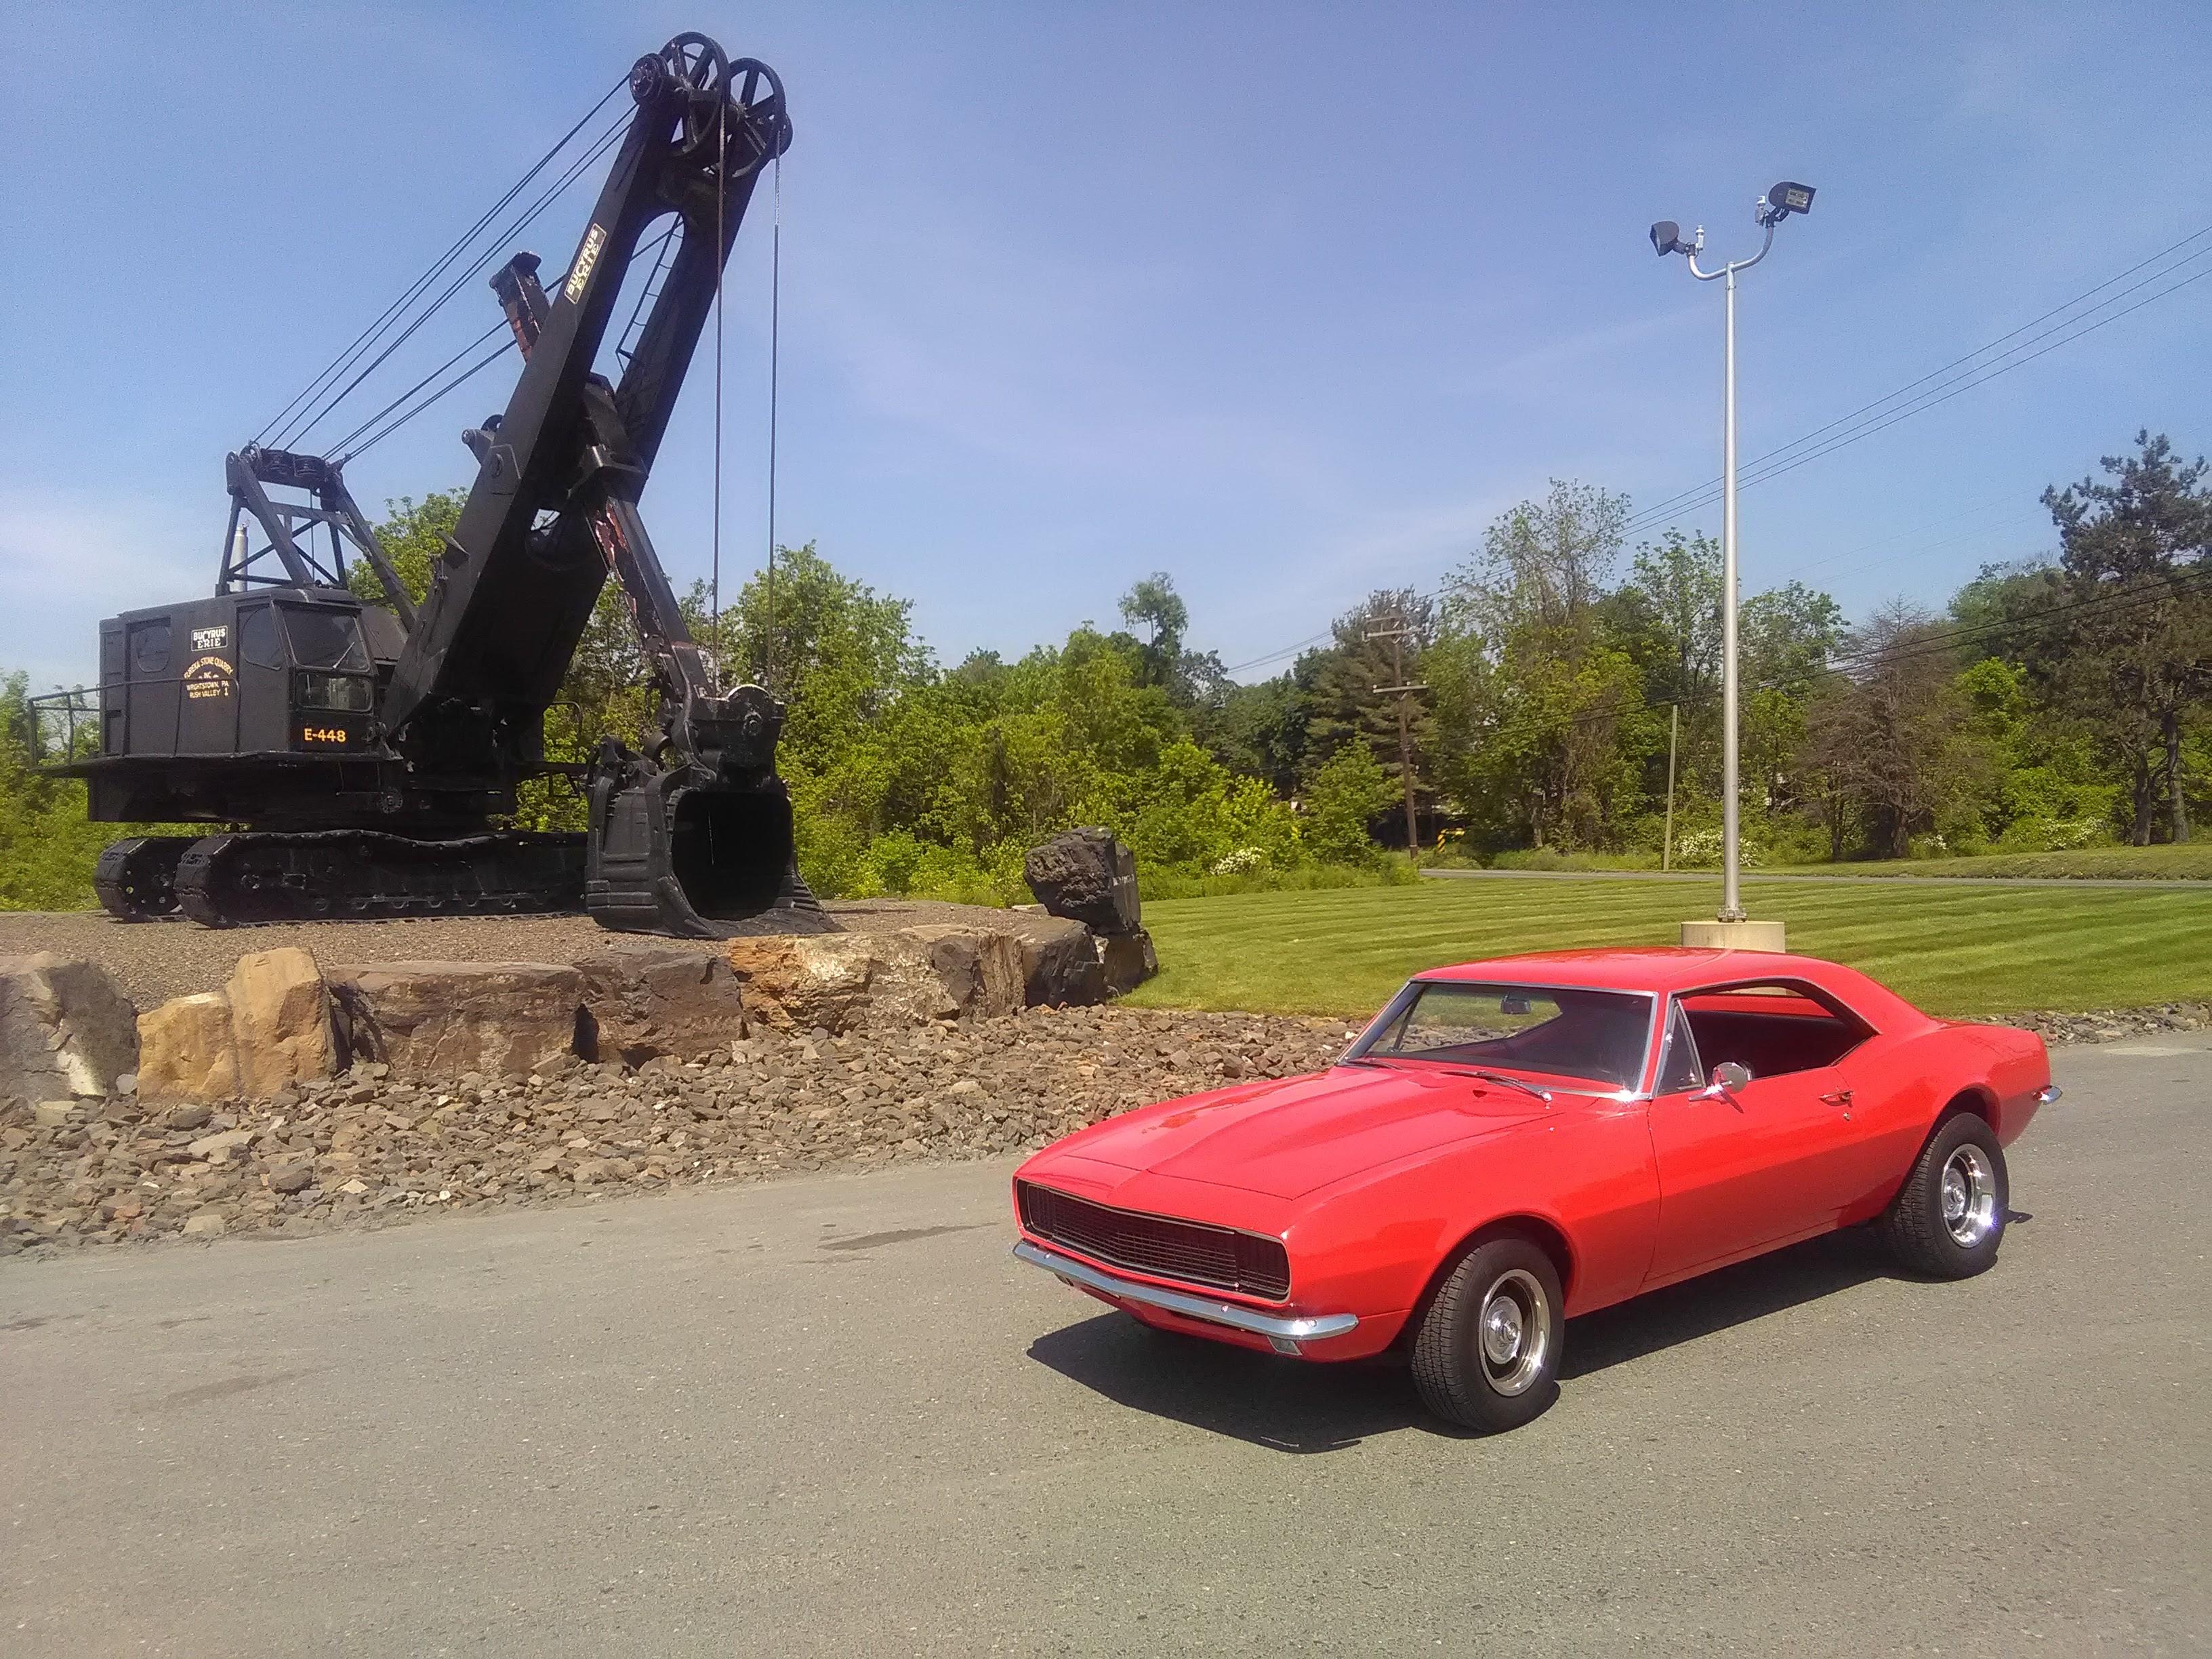 1967 red chevy camaro